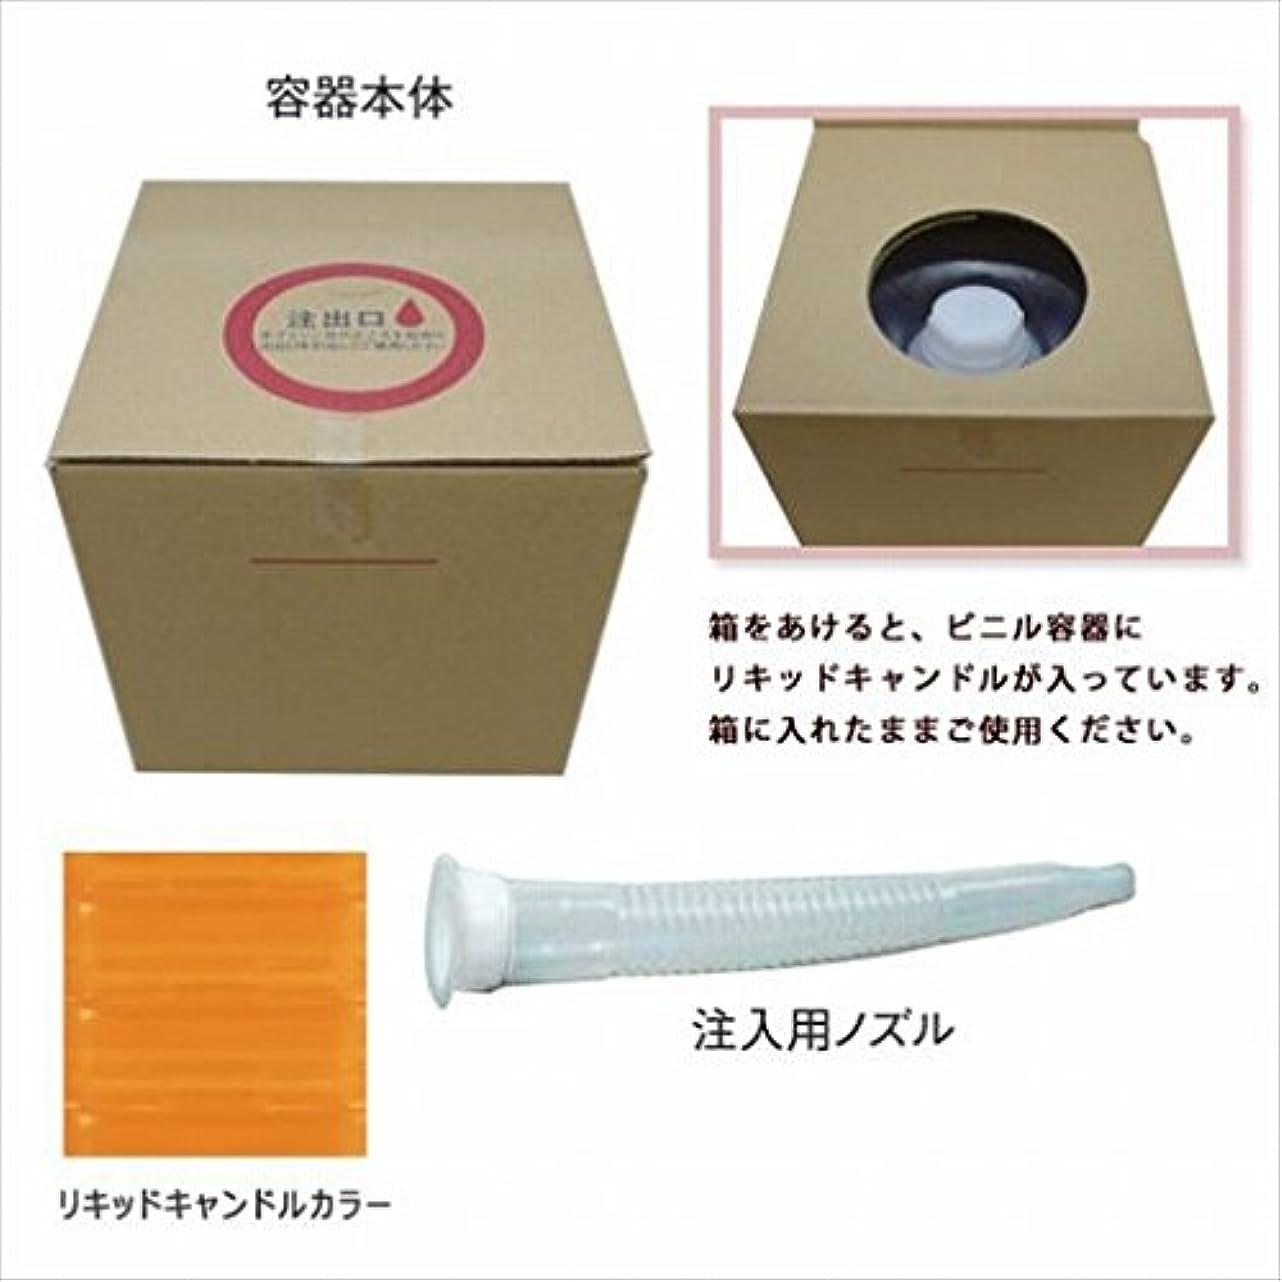 外出シングルネズミカメヤマキャンドル(kameyama candle) リキッドキャンドル5リットル 「 シャンパンゴールド 」